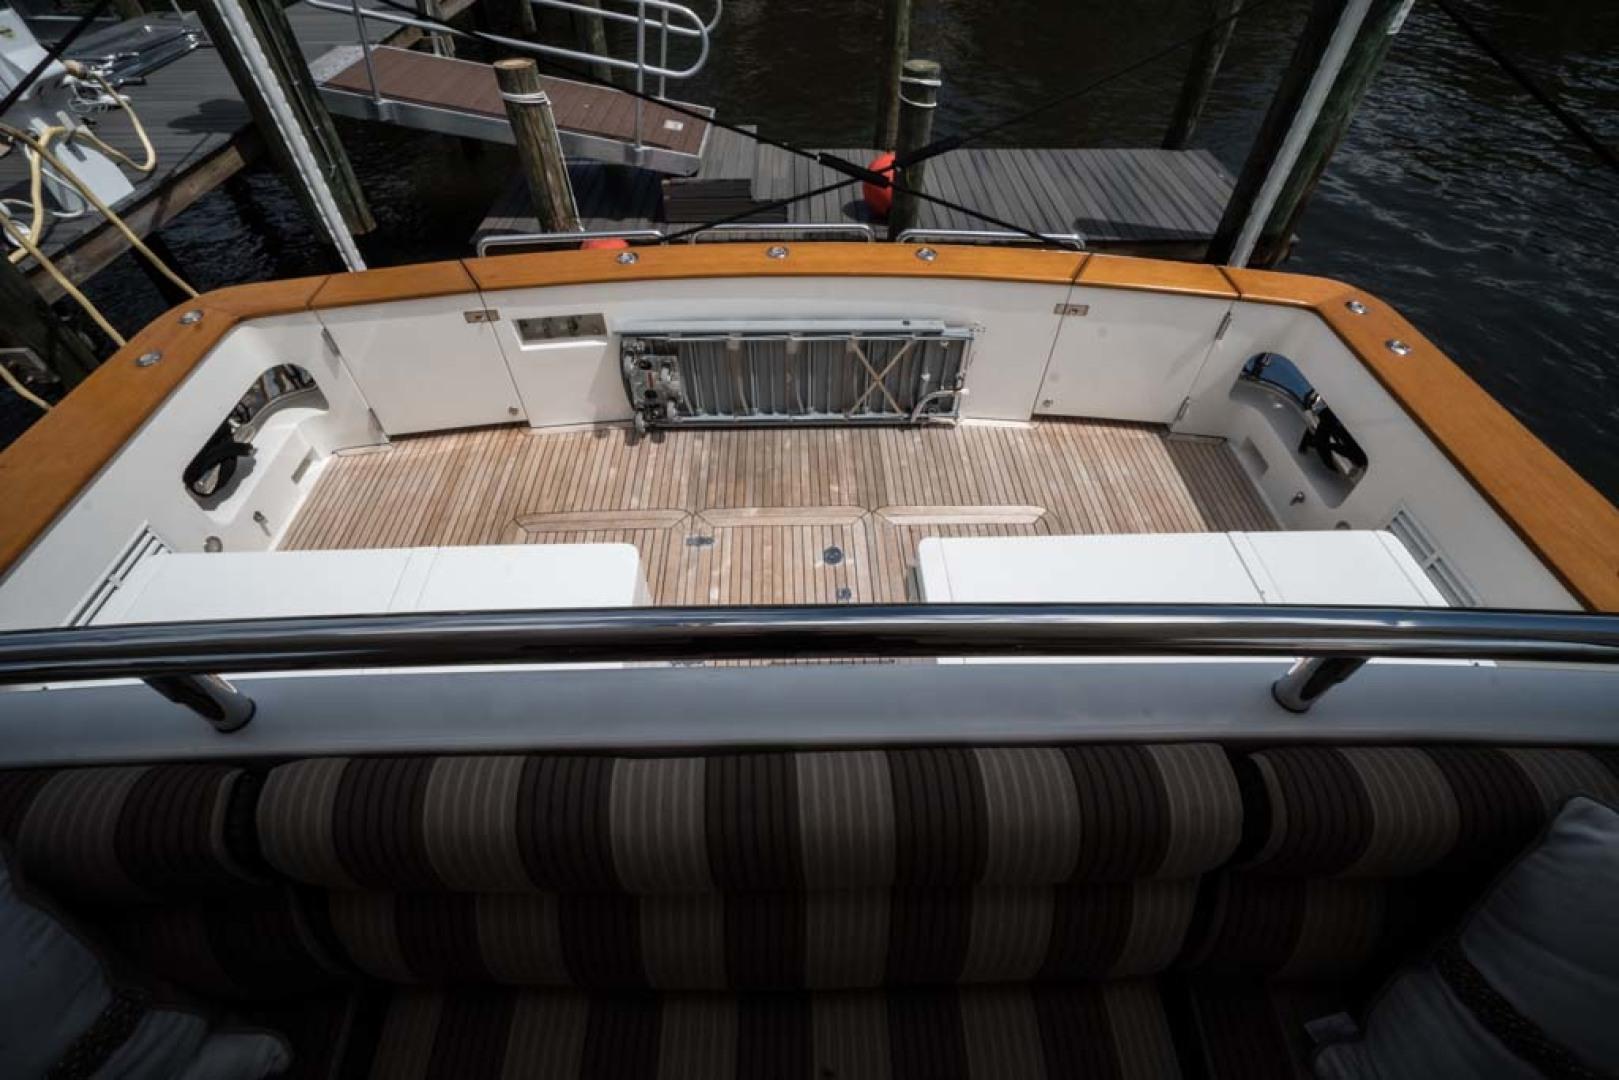 Horizon-Cockpit-Motor-Yacht-2008-Liberation-Stuart-Florida-United-States-Cockpit-1075374